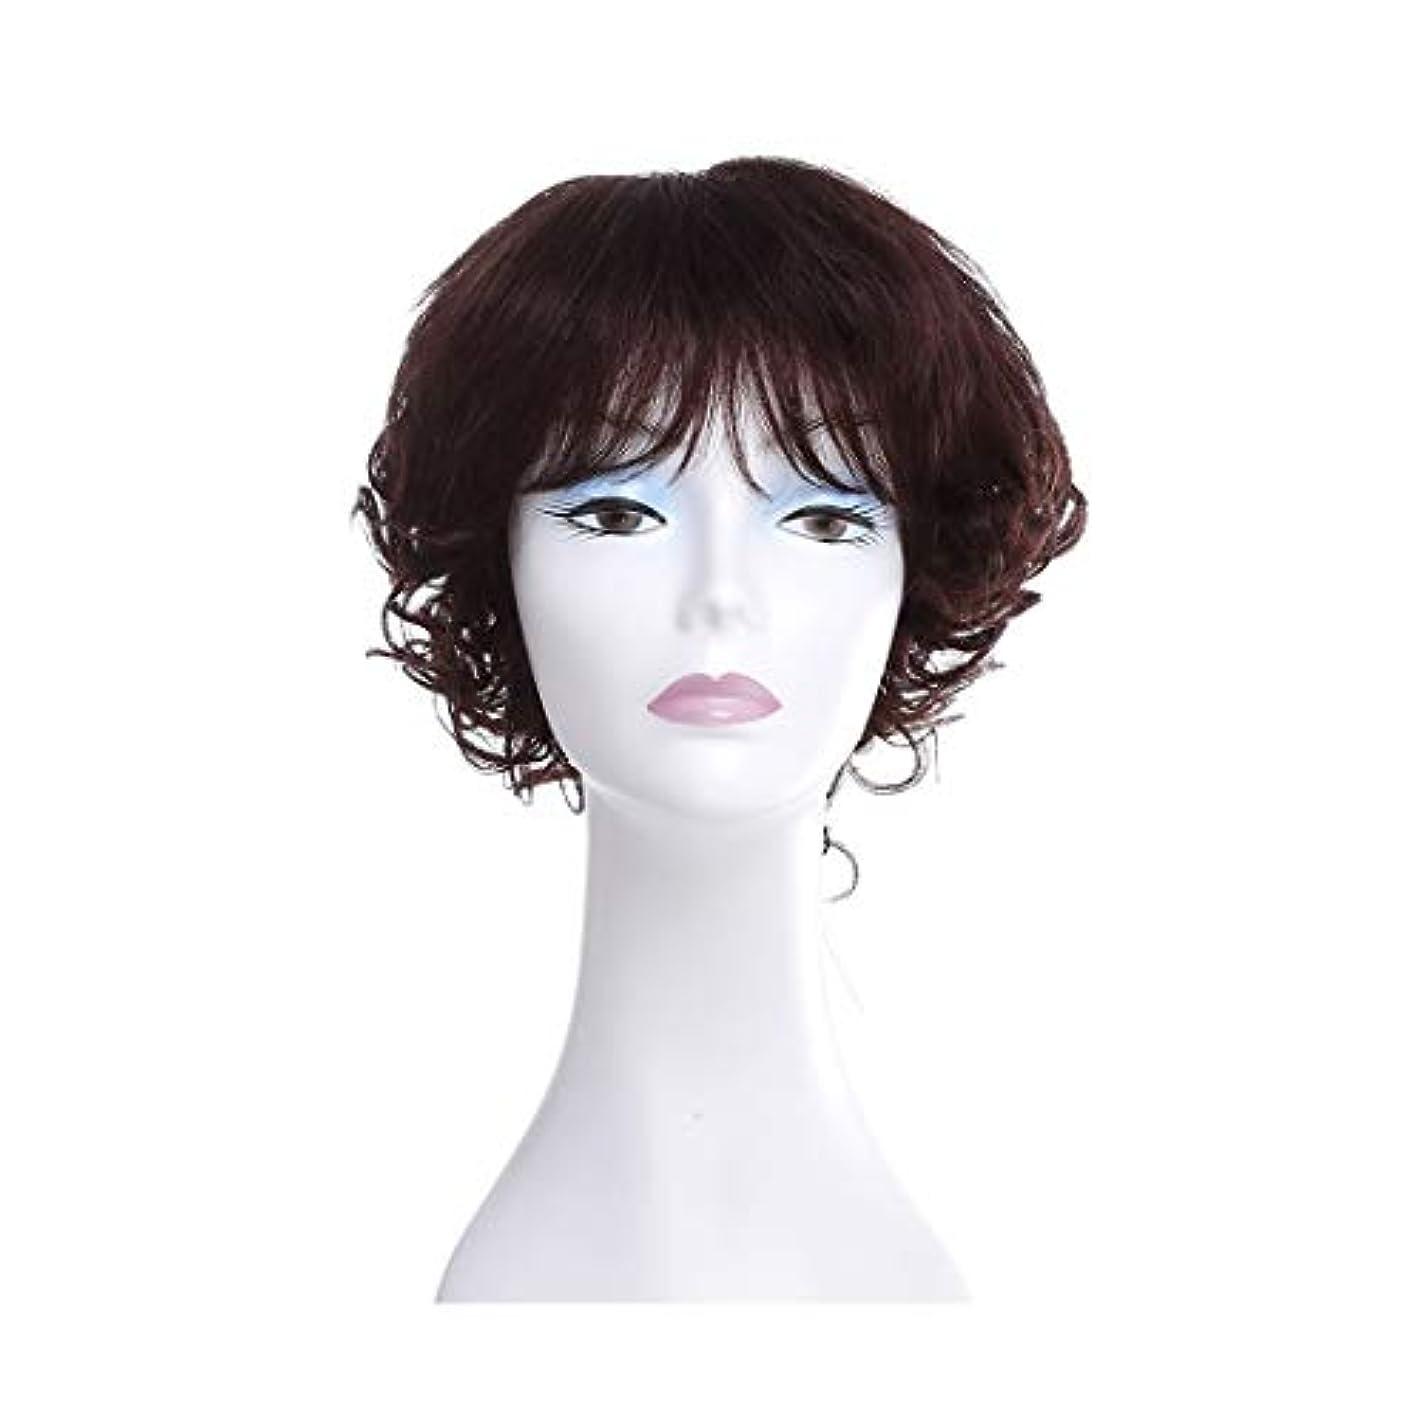 プロポーショナル物理学者チェリーYOUQIU 女性ウィッグ100%実髪ストレッチネット気質ふわふわカーリーヘアウィッグウィッグ (色 : Photo Color)